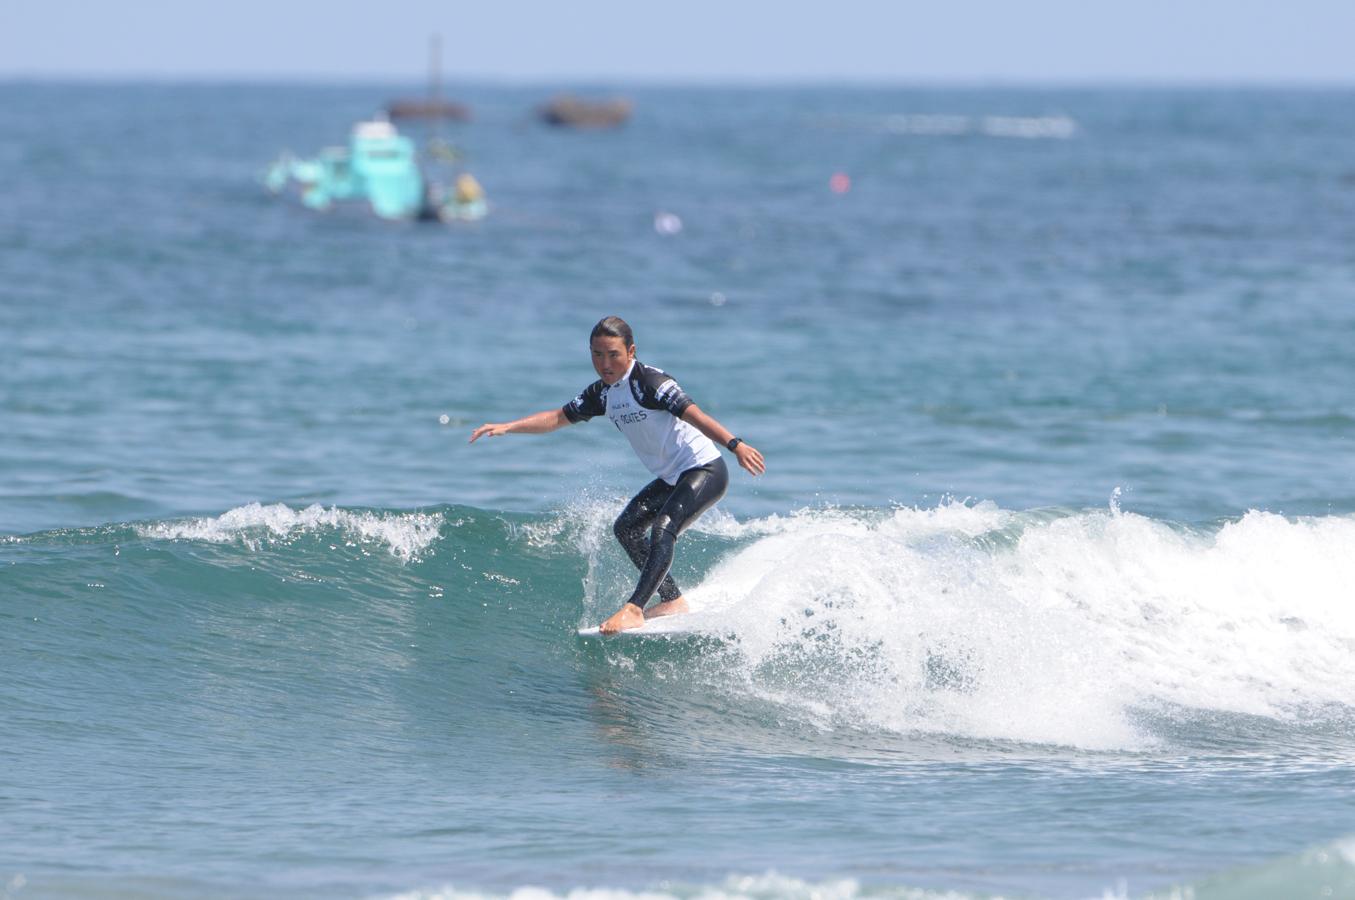 開幕戦で3位となった浜瀬海は、今回は7位。